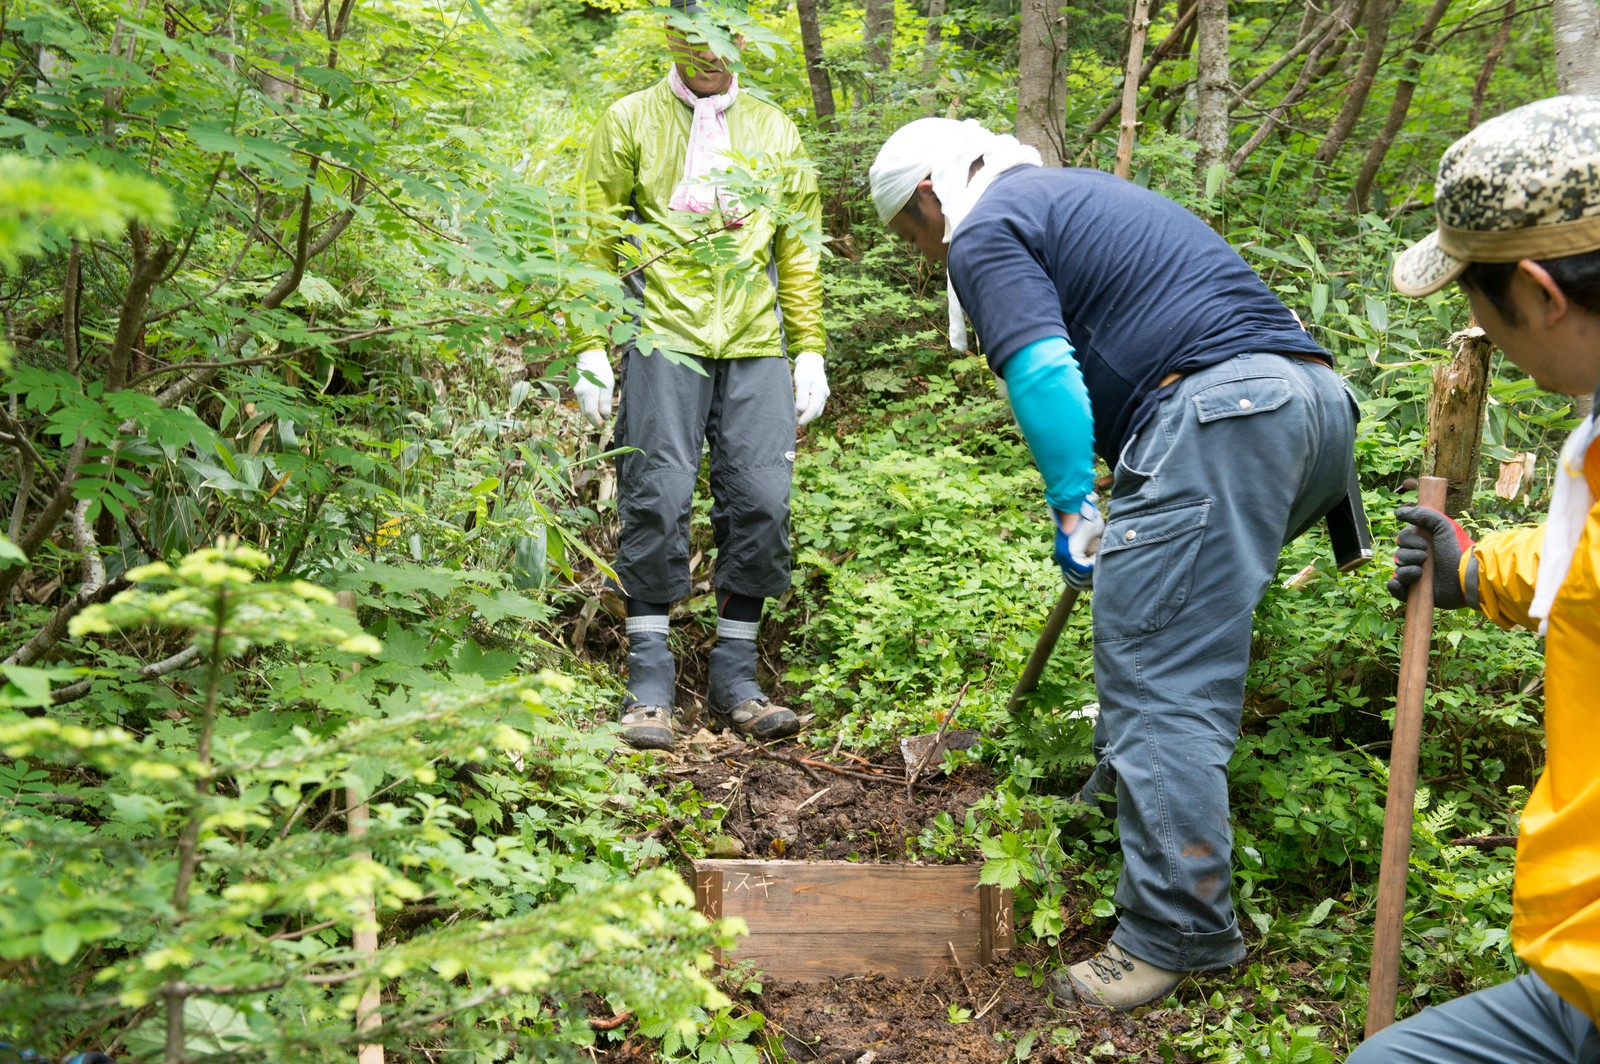 「メーカー社員と地元と登山愛好家が共に行う登山道整備」の写真